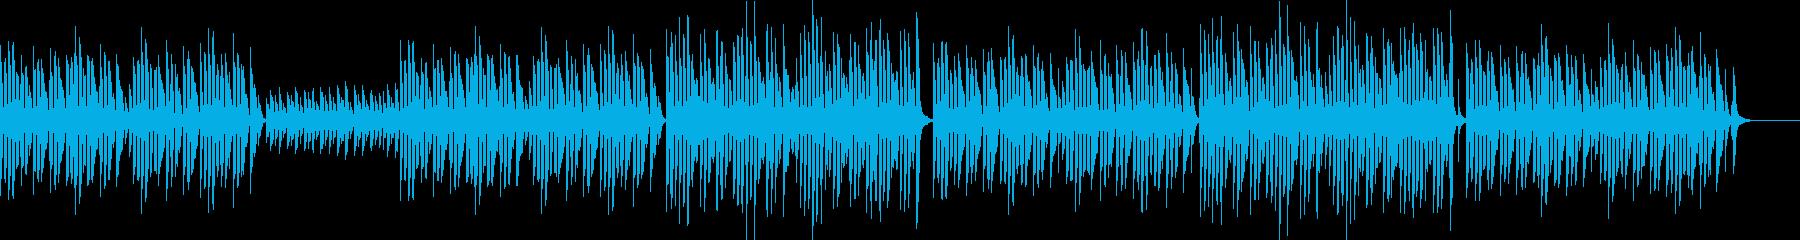 bpm080 キッズTikTok可愛い笛の再生済みの波形